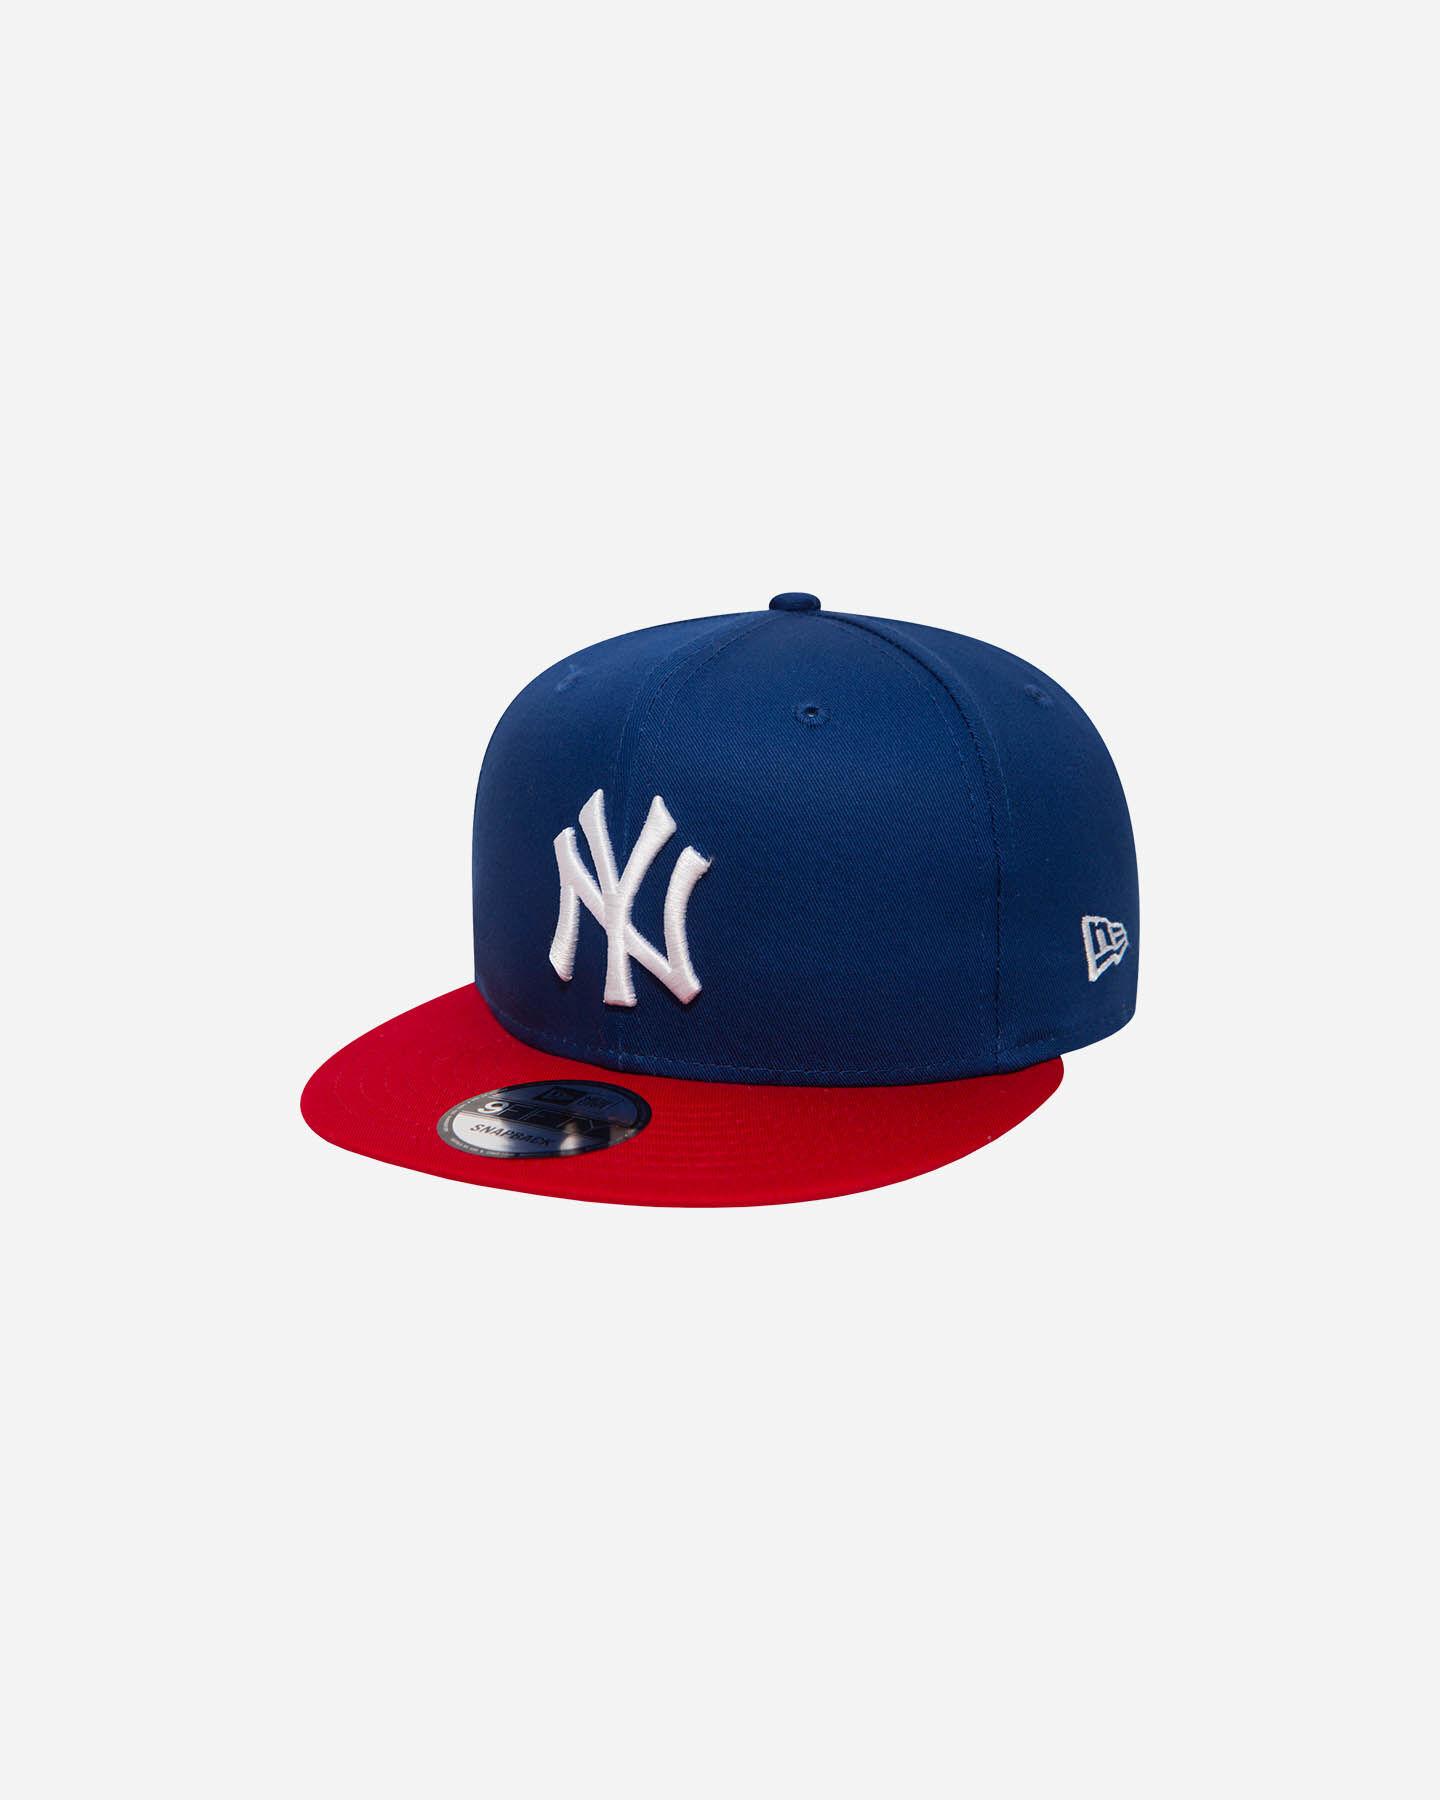 Cappellino NEW ERA NY 9FIFTY JR S1297126 scatto 0